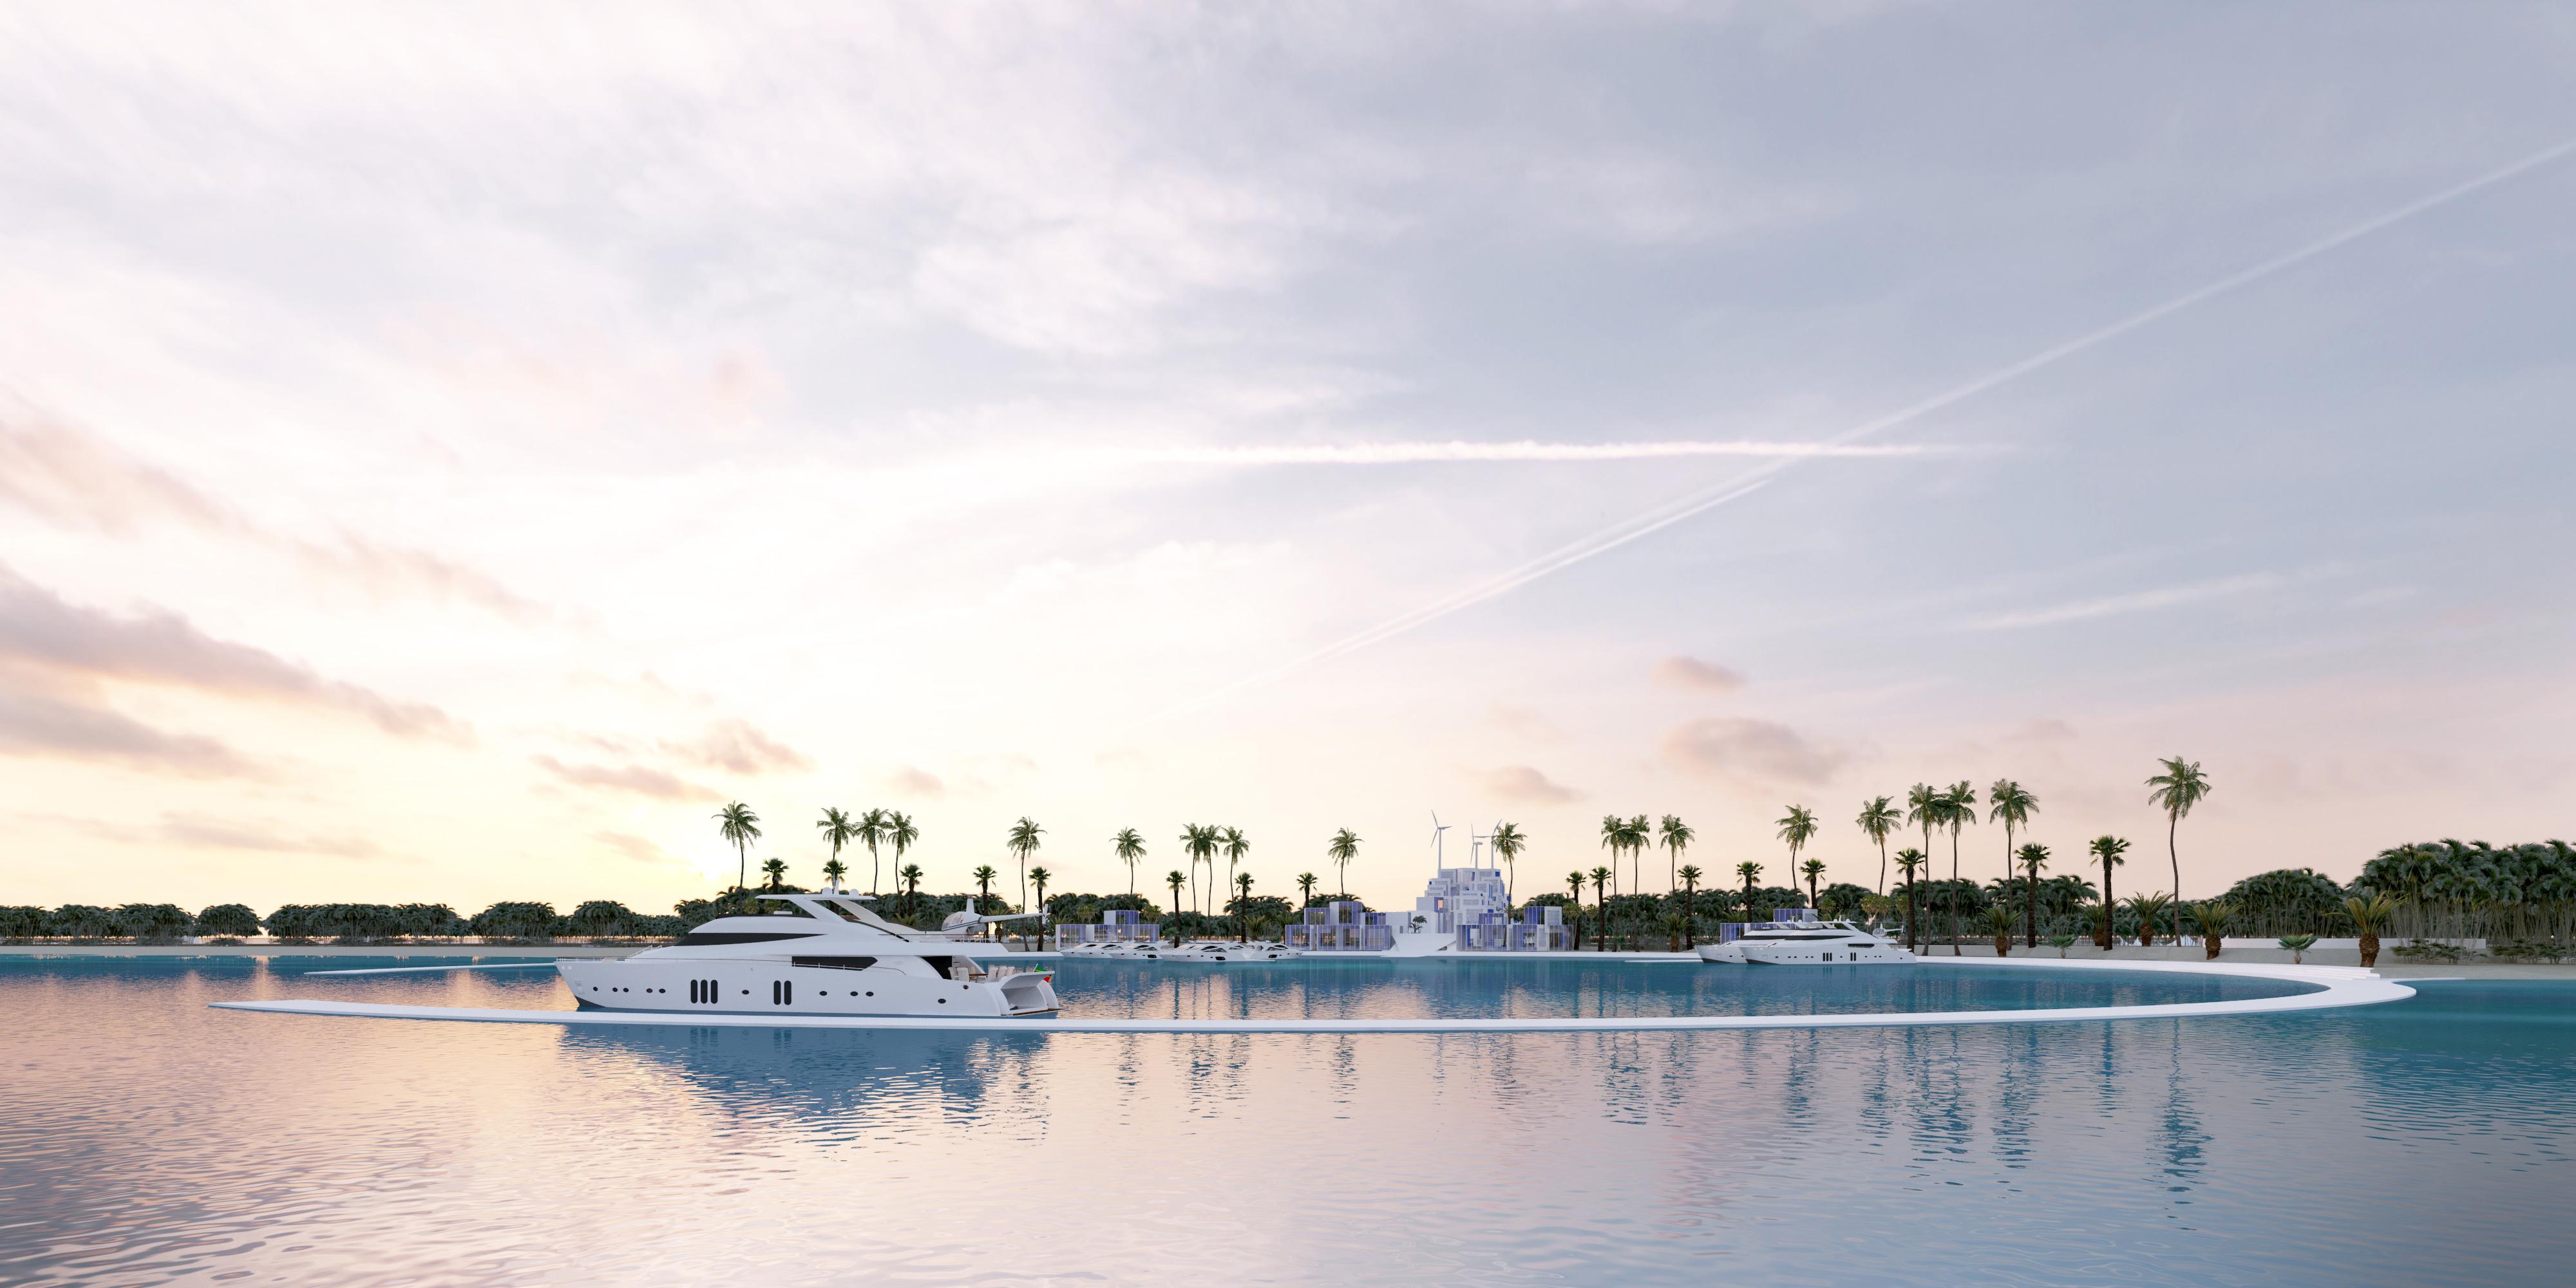 North Barrier Island Resort Abu Dhabi